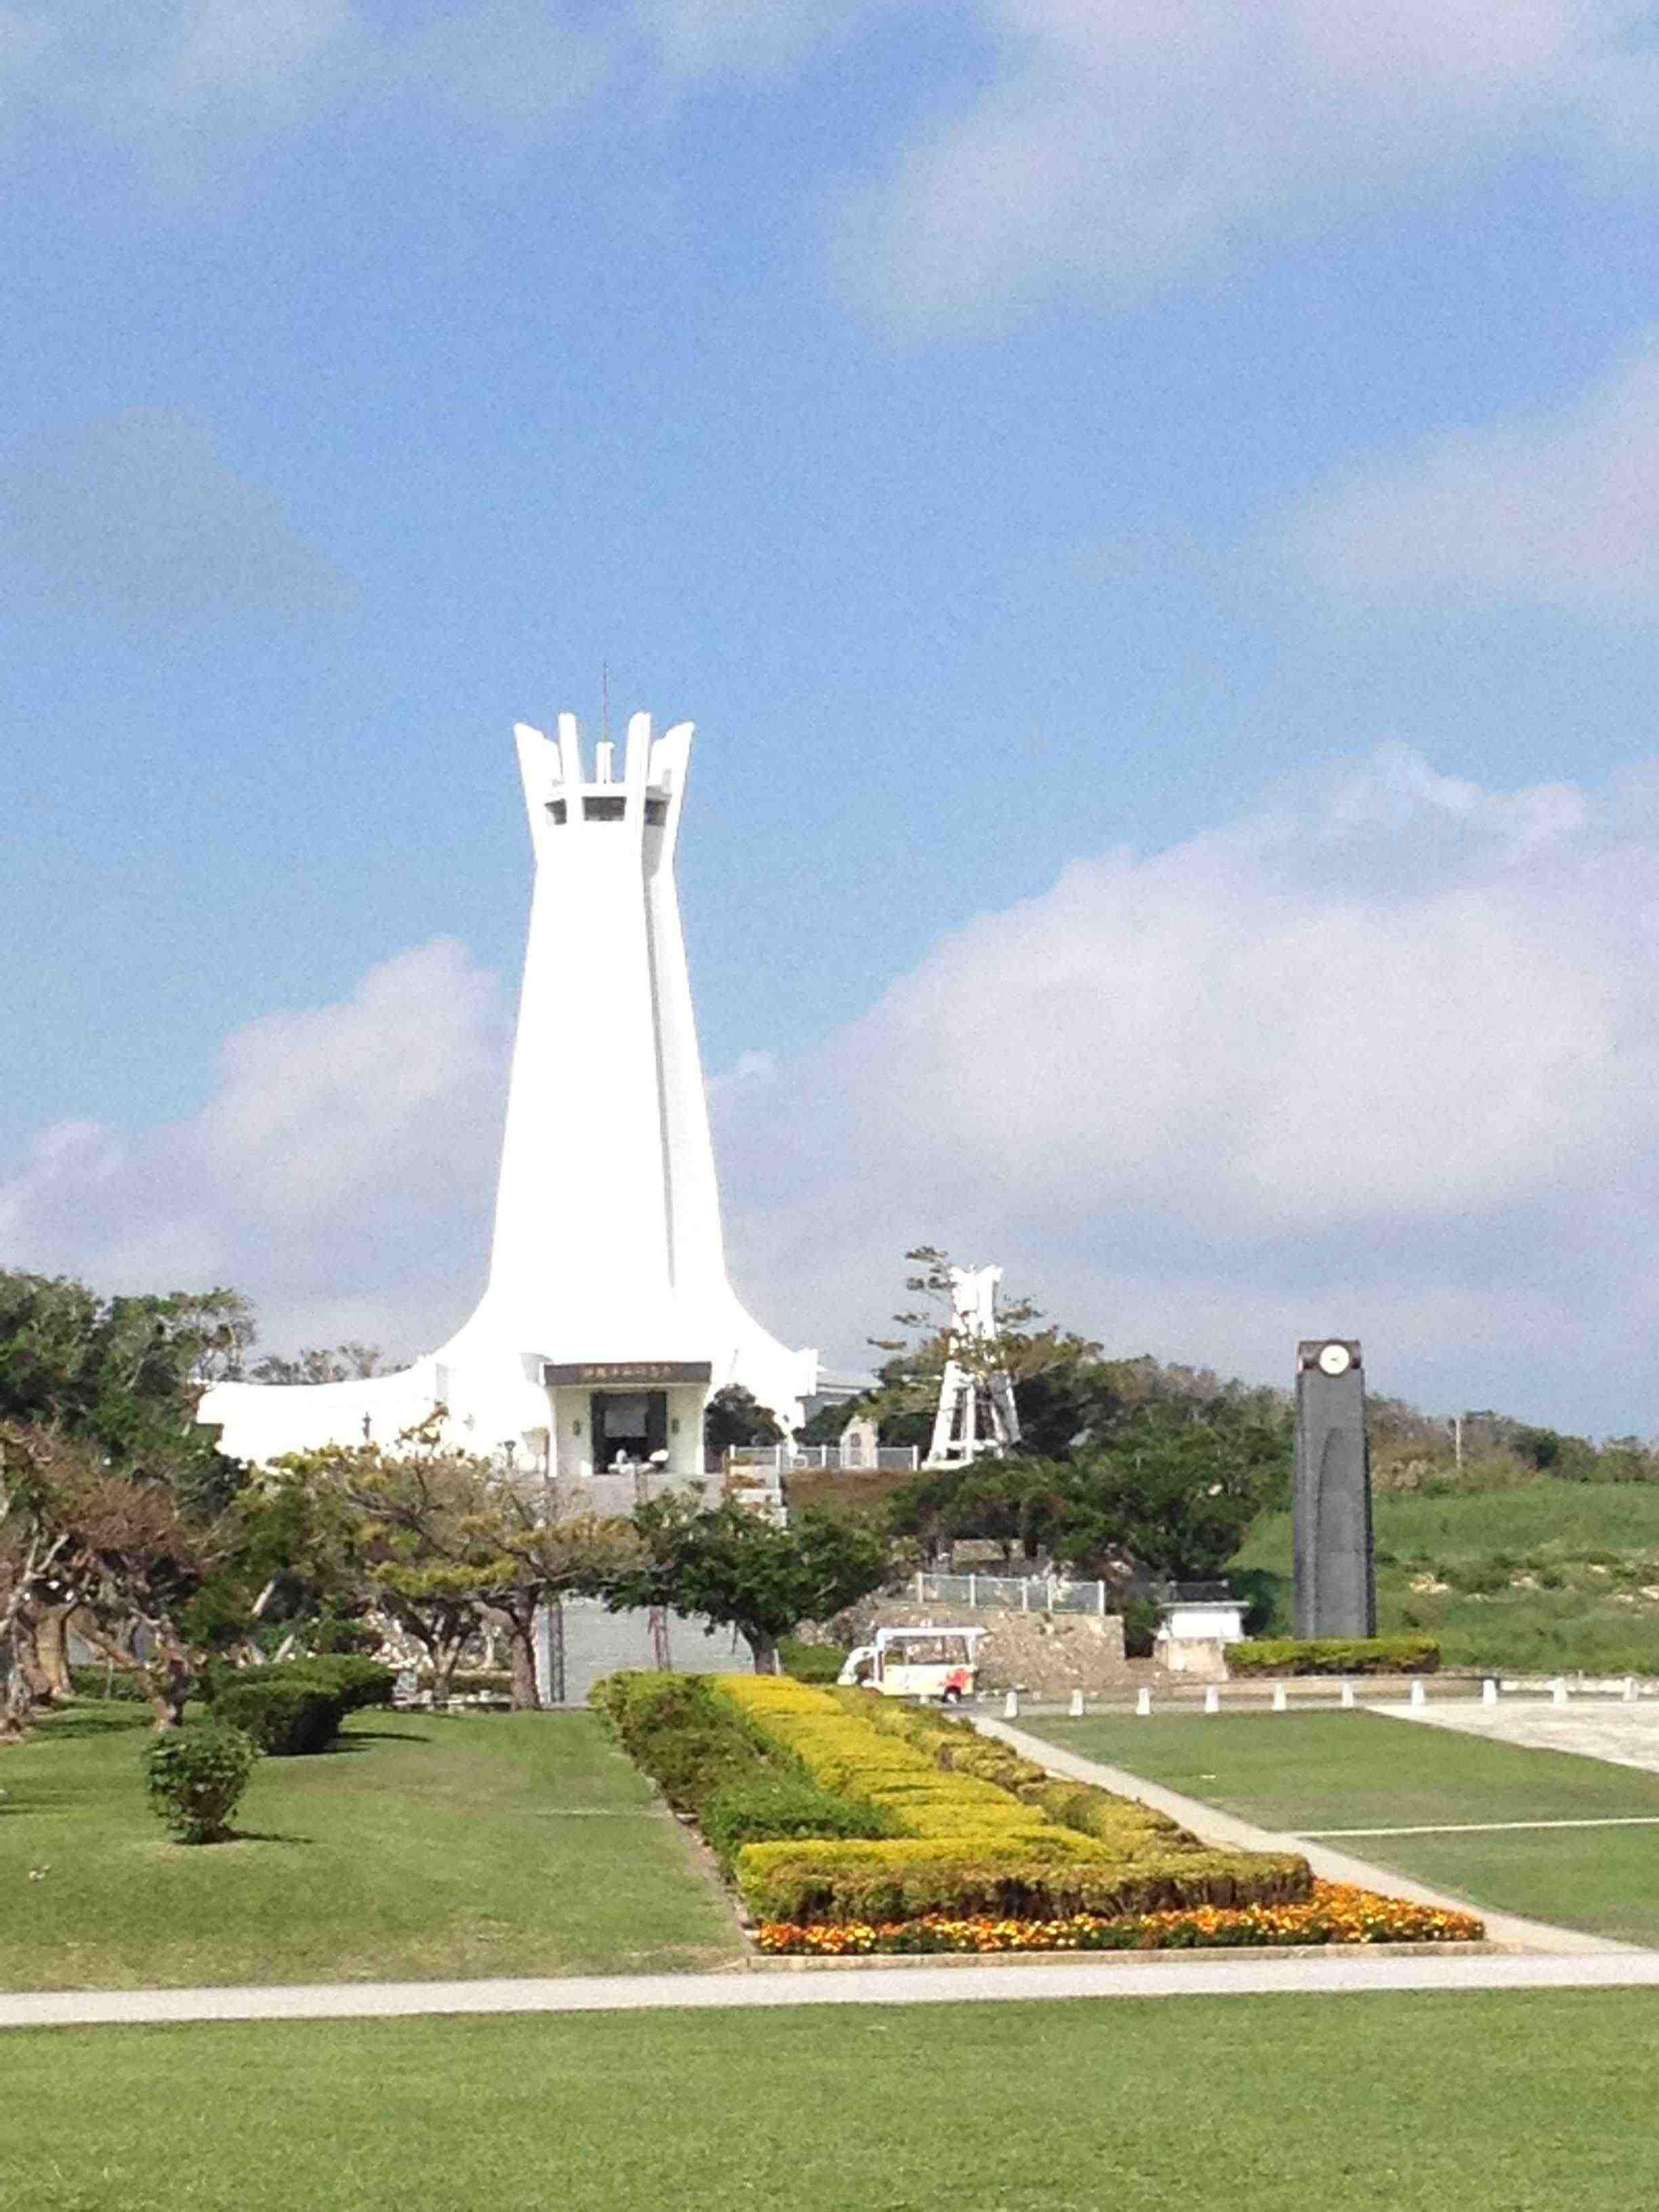 Okinawa Peace Memorial Tower